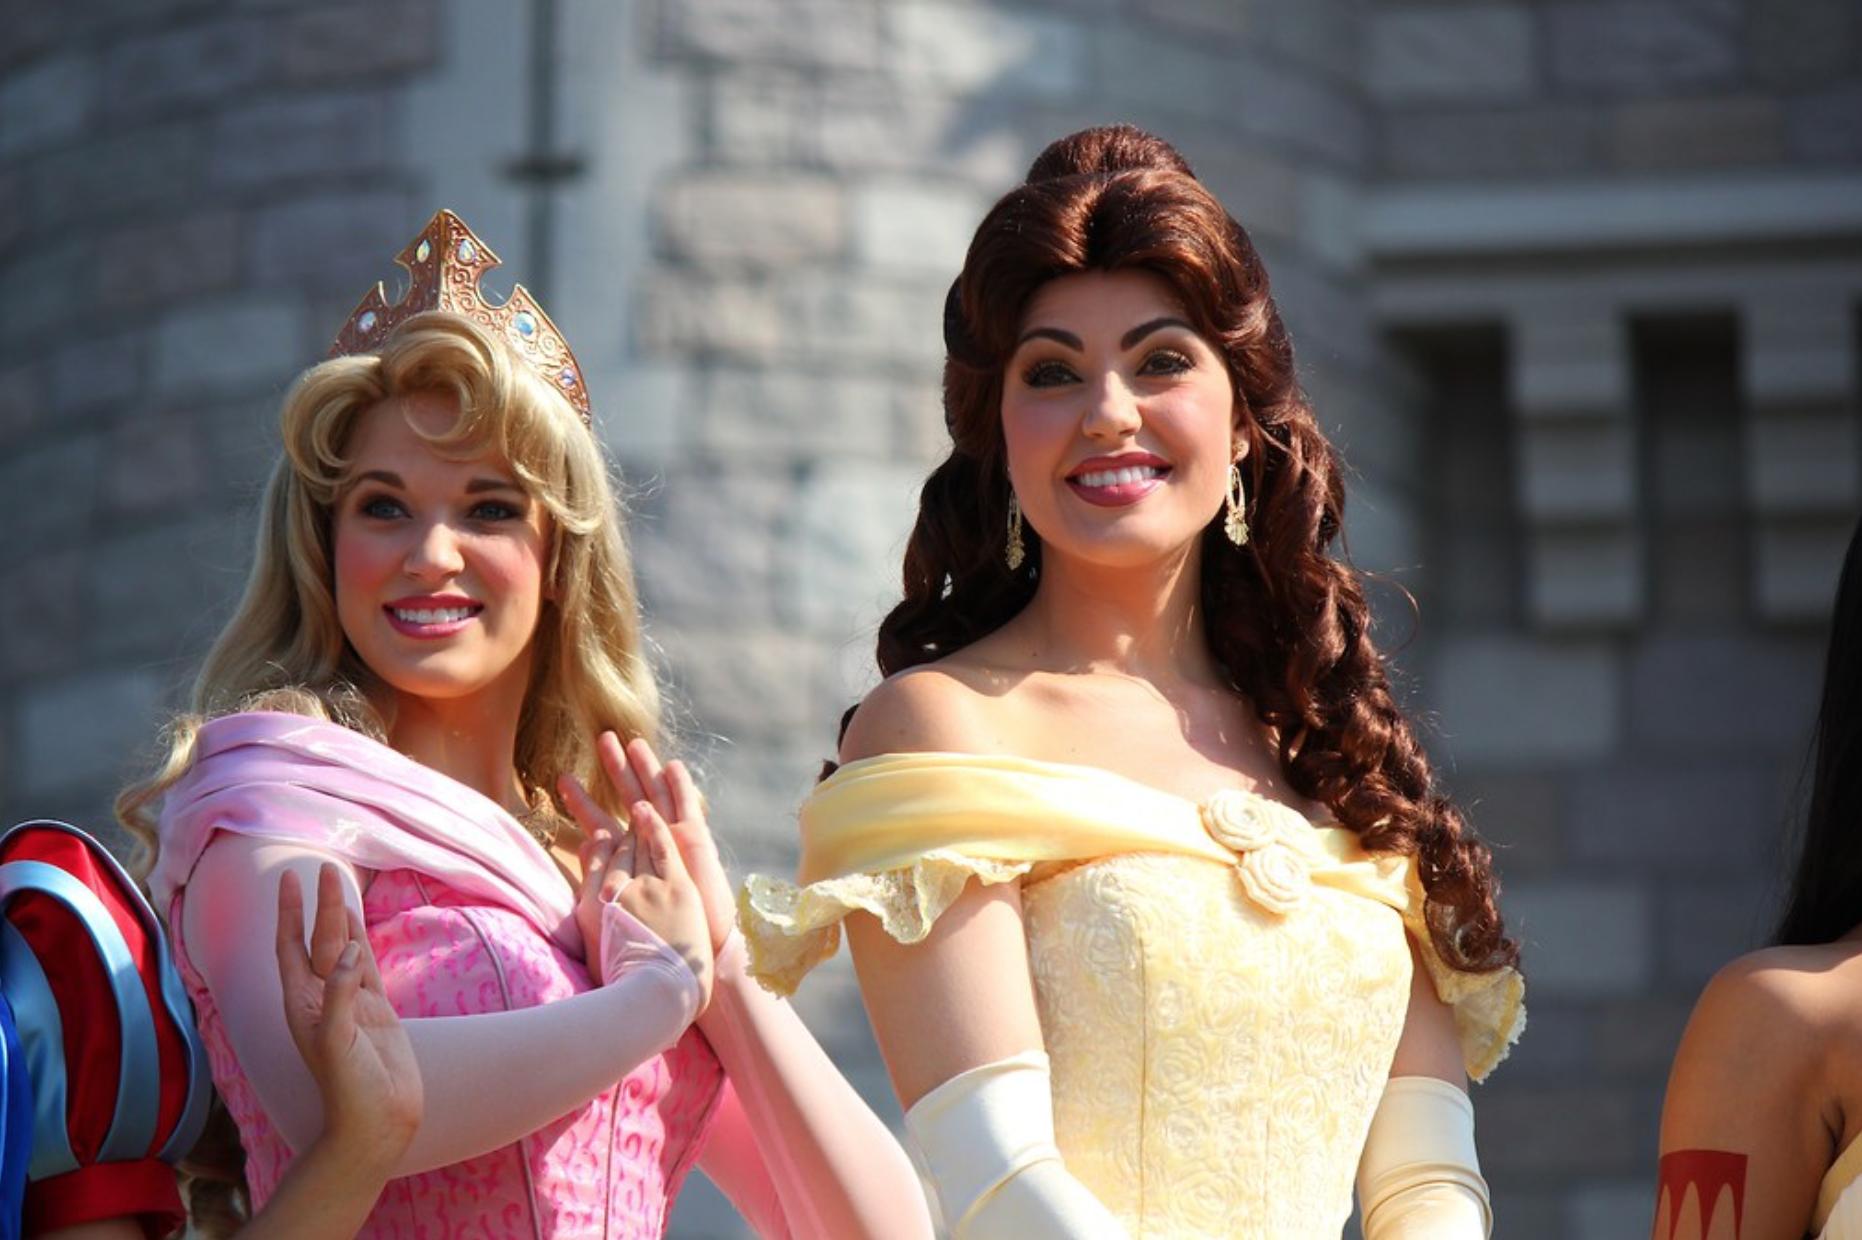 9 bí mật đằng sau vẻ hào nhoáng của những cô công chúa làm việc tại Disney World - Ảnh 2.